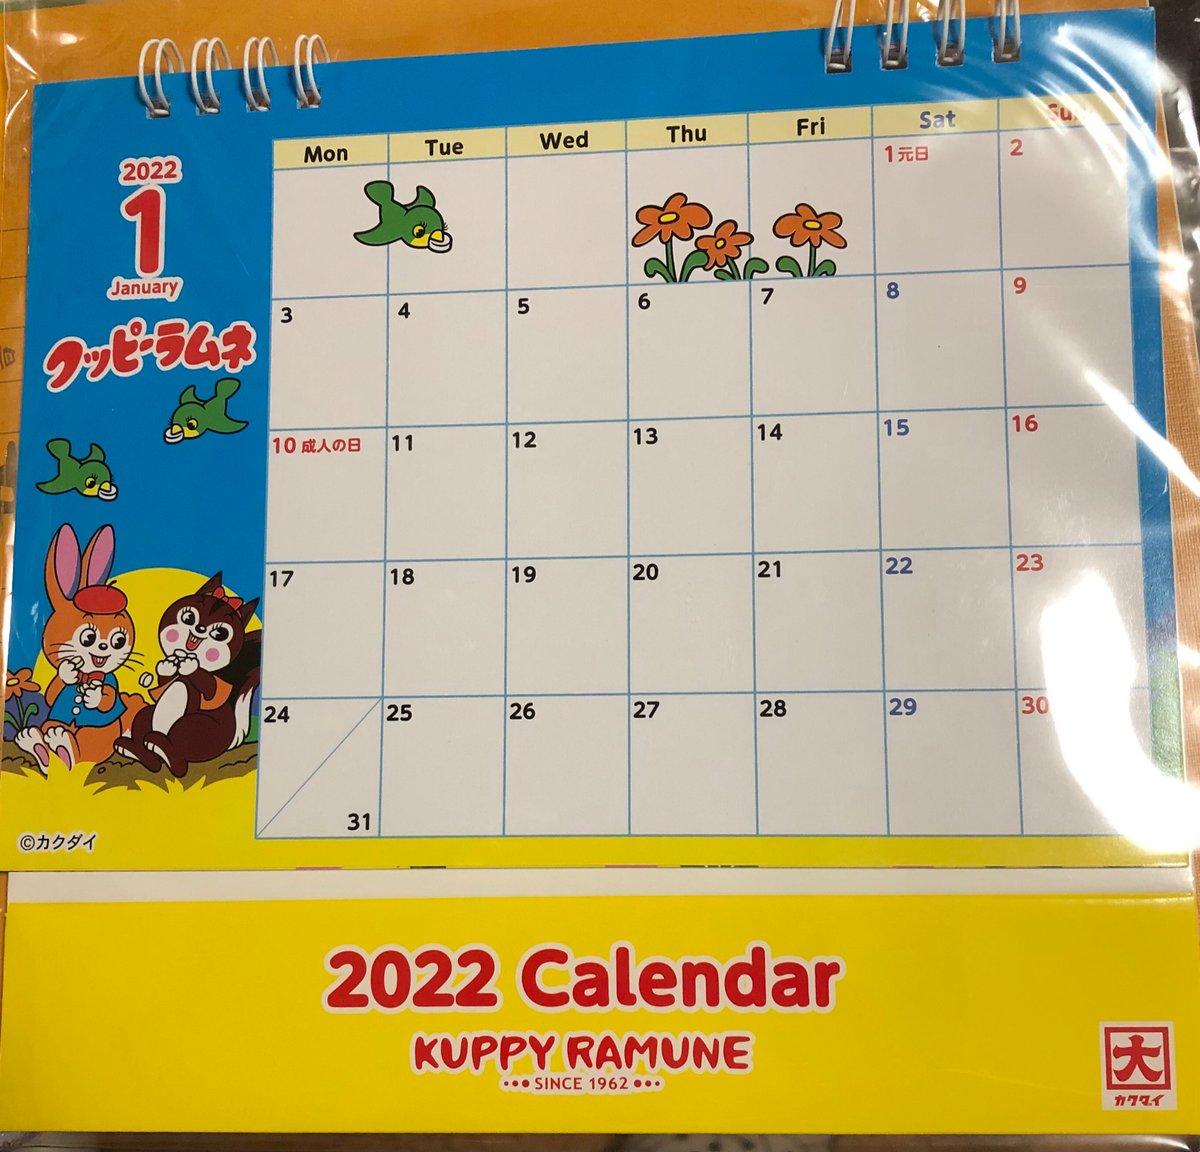 セリア行ったら カレンダーもう 売ってて震えたけど 最高なの手に入れました😻🌸